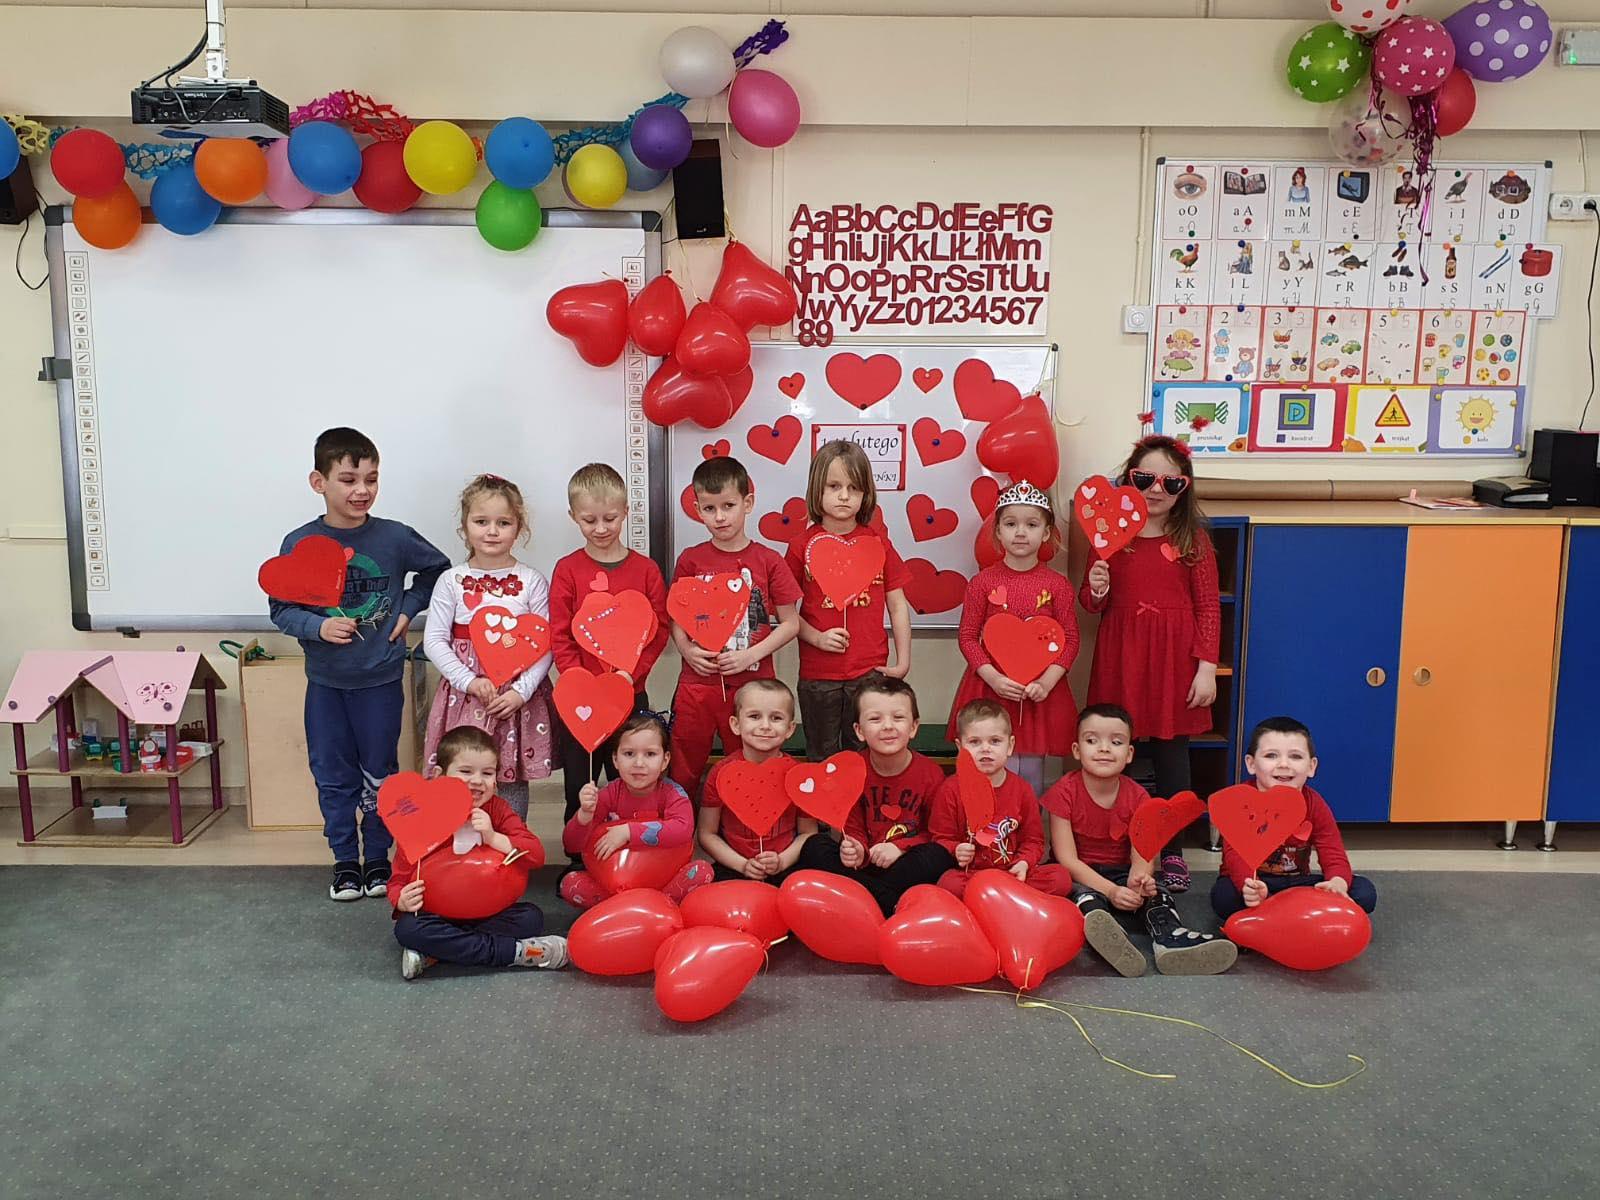 Grupa dzieci ustawiona w 2 rzędzach jeden stoi, drugi siedzi. W rękach trzymają balony.